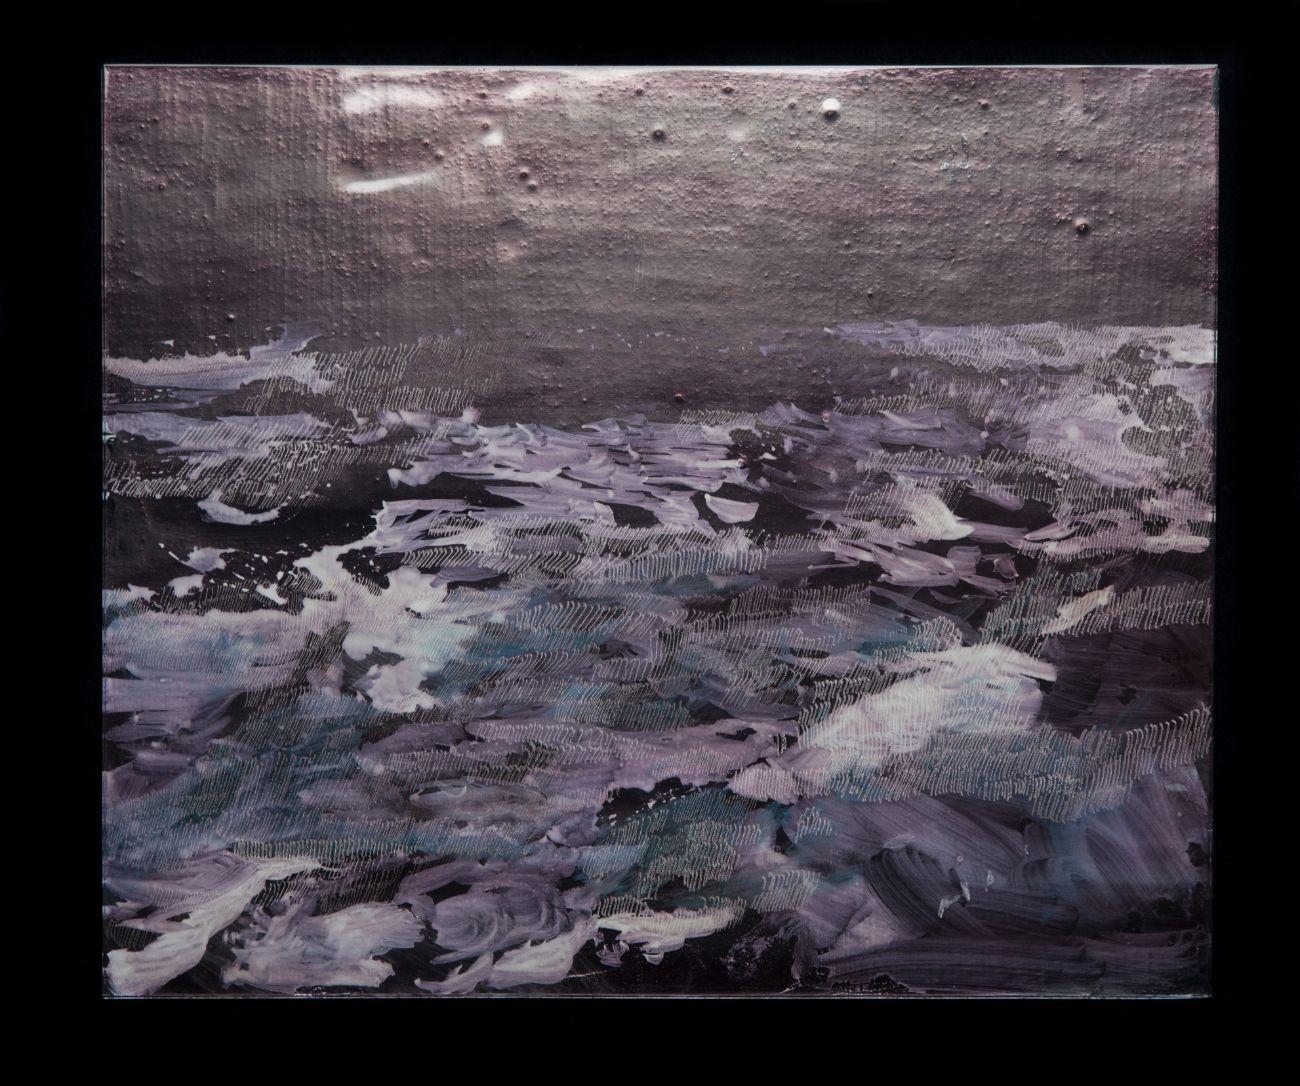 7. zo série Oceano, 35x30cm, maľba, kresba a gravírovanie na skle, 2017